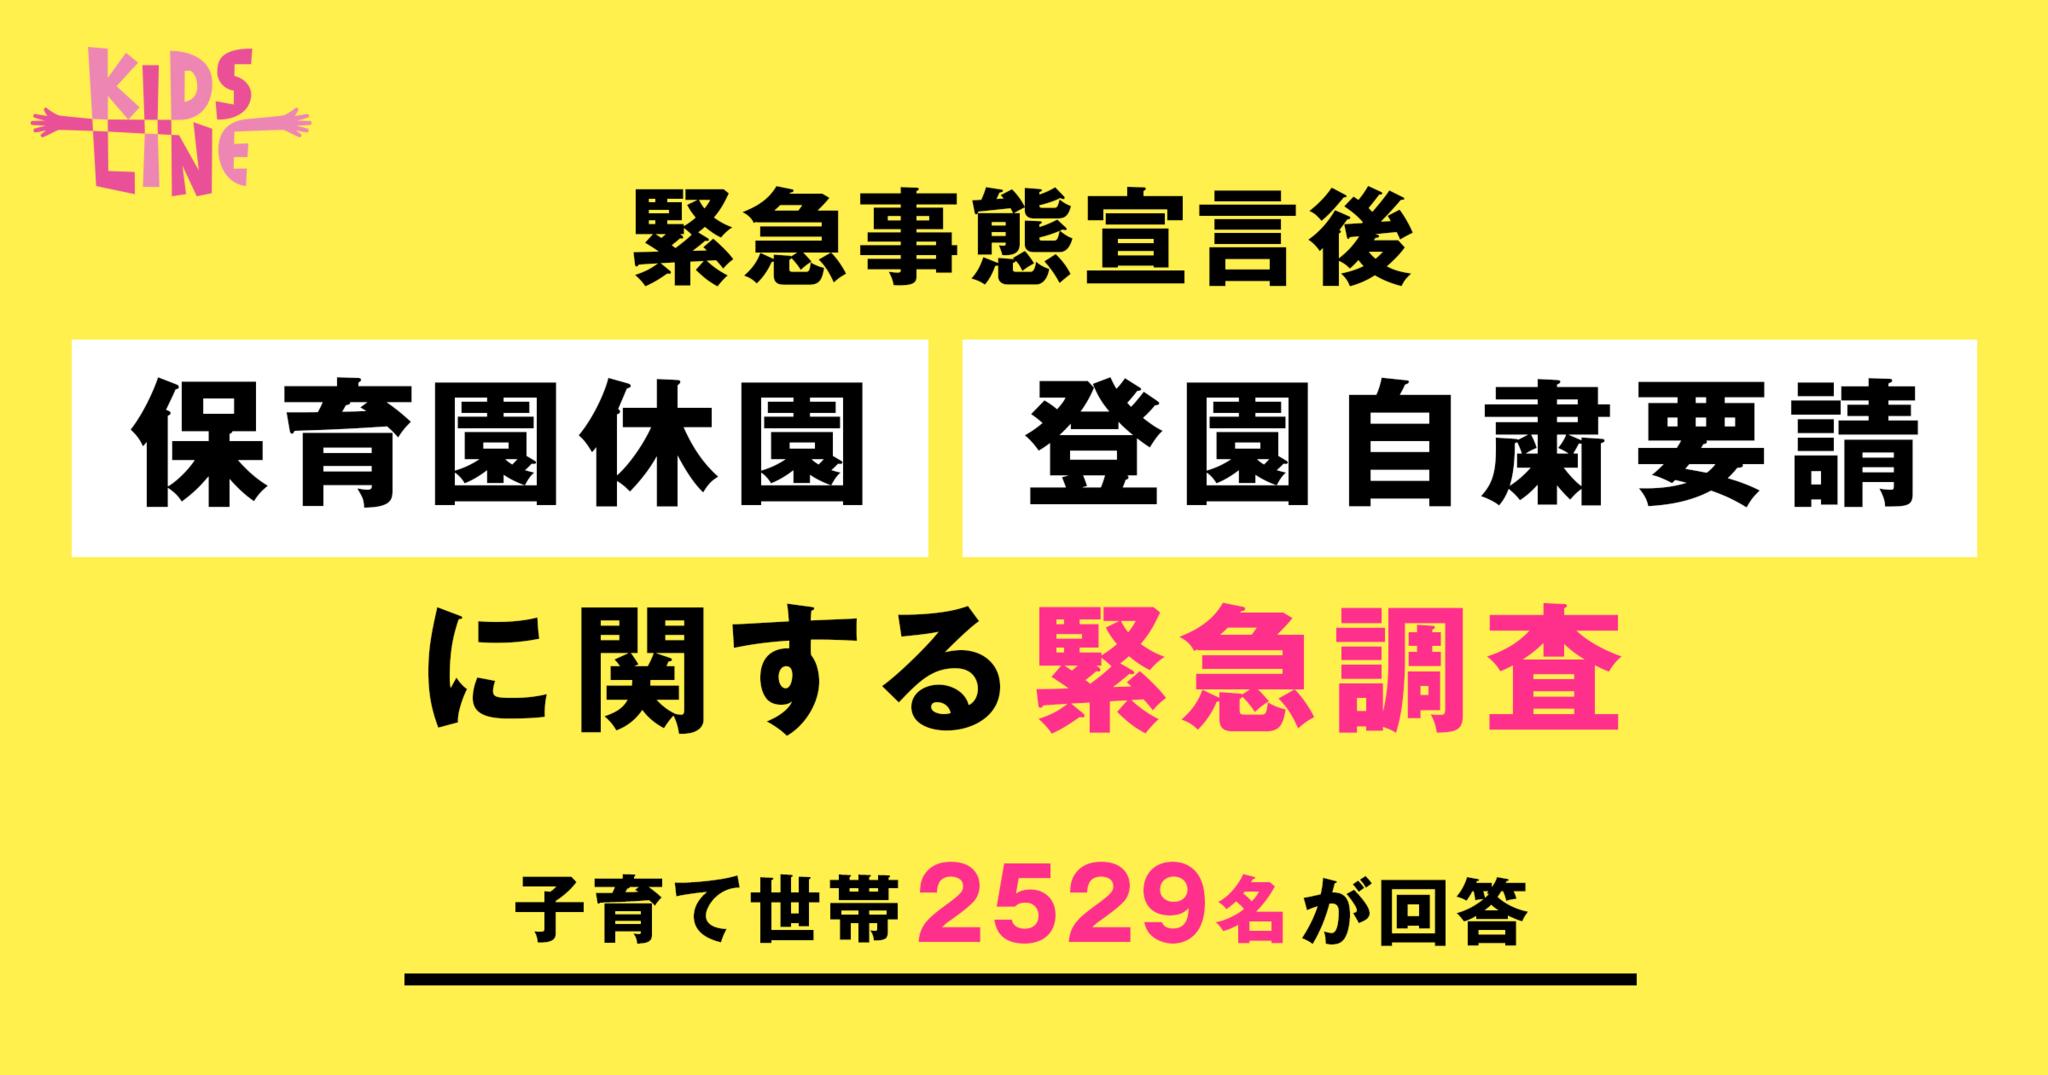 緊急 事態 宣言 保育園 神奈川 緊急事態宣言で保育園は2021年も休園?神奈川県はいつから休み?|ふ...